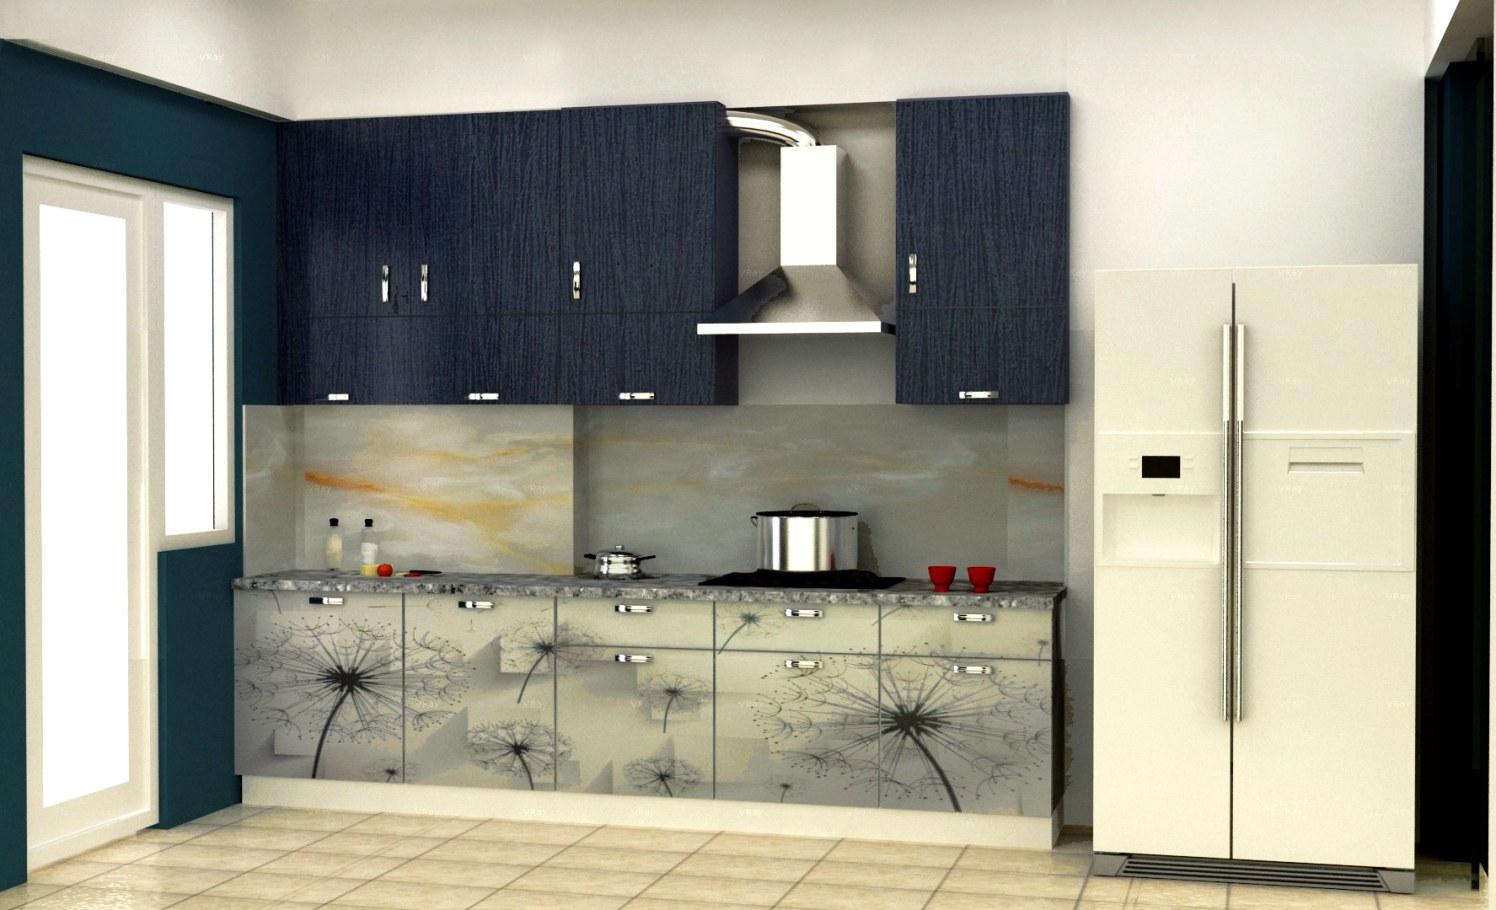 Kitchen cabinets by The Midas Touch Interiors Modular-kitchen | Interior Design Photos & Ideas